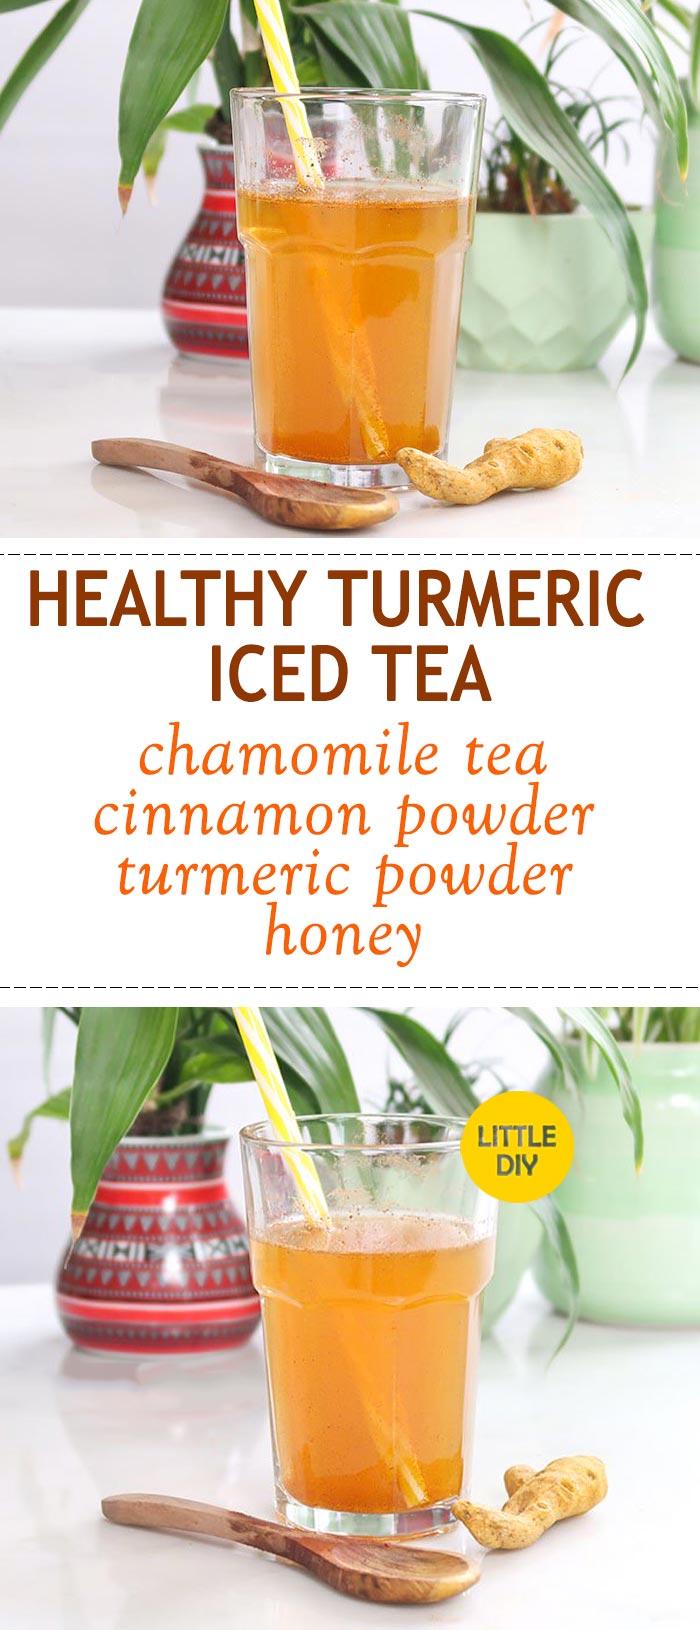 HEALTHY TURMERIC ICED TEA